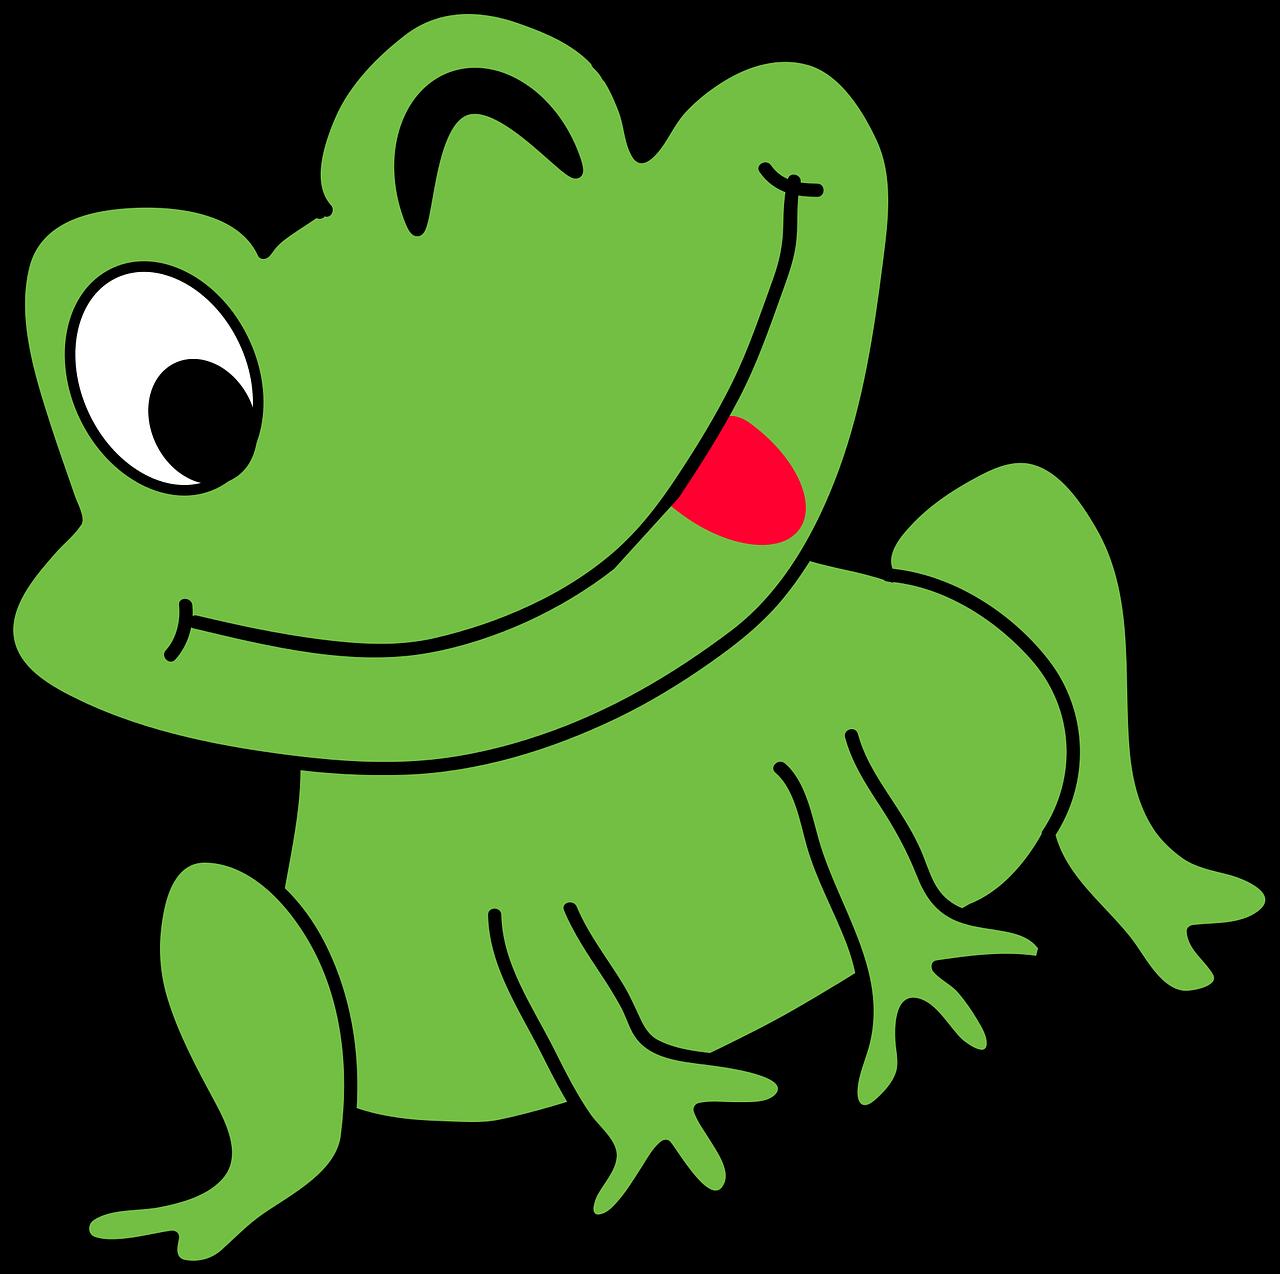 Kartun Katak Lucu Gambar Vektor Gratis Di Pixabay